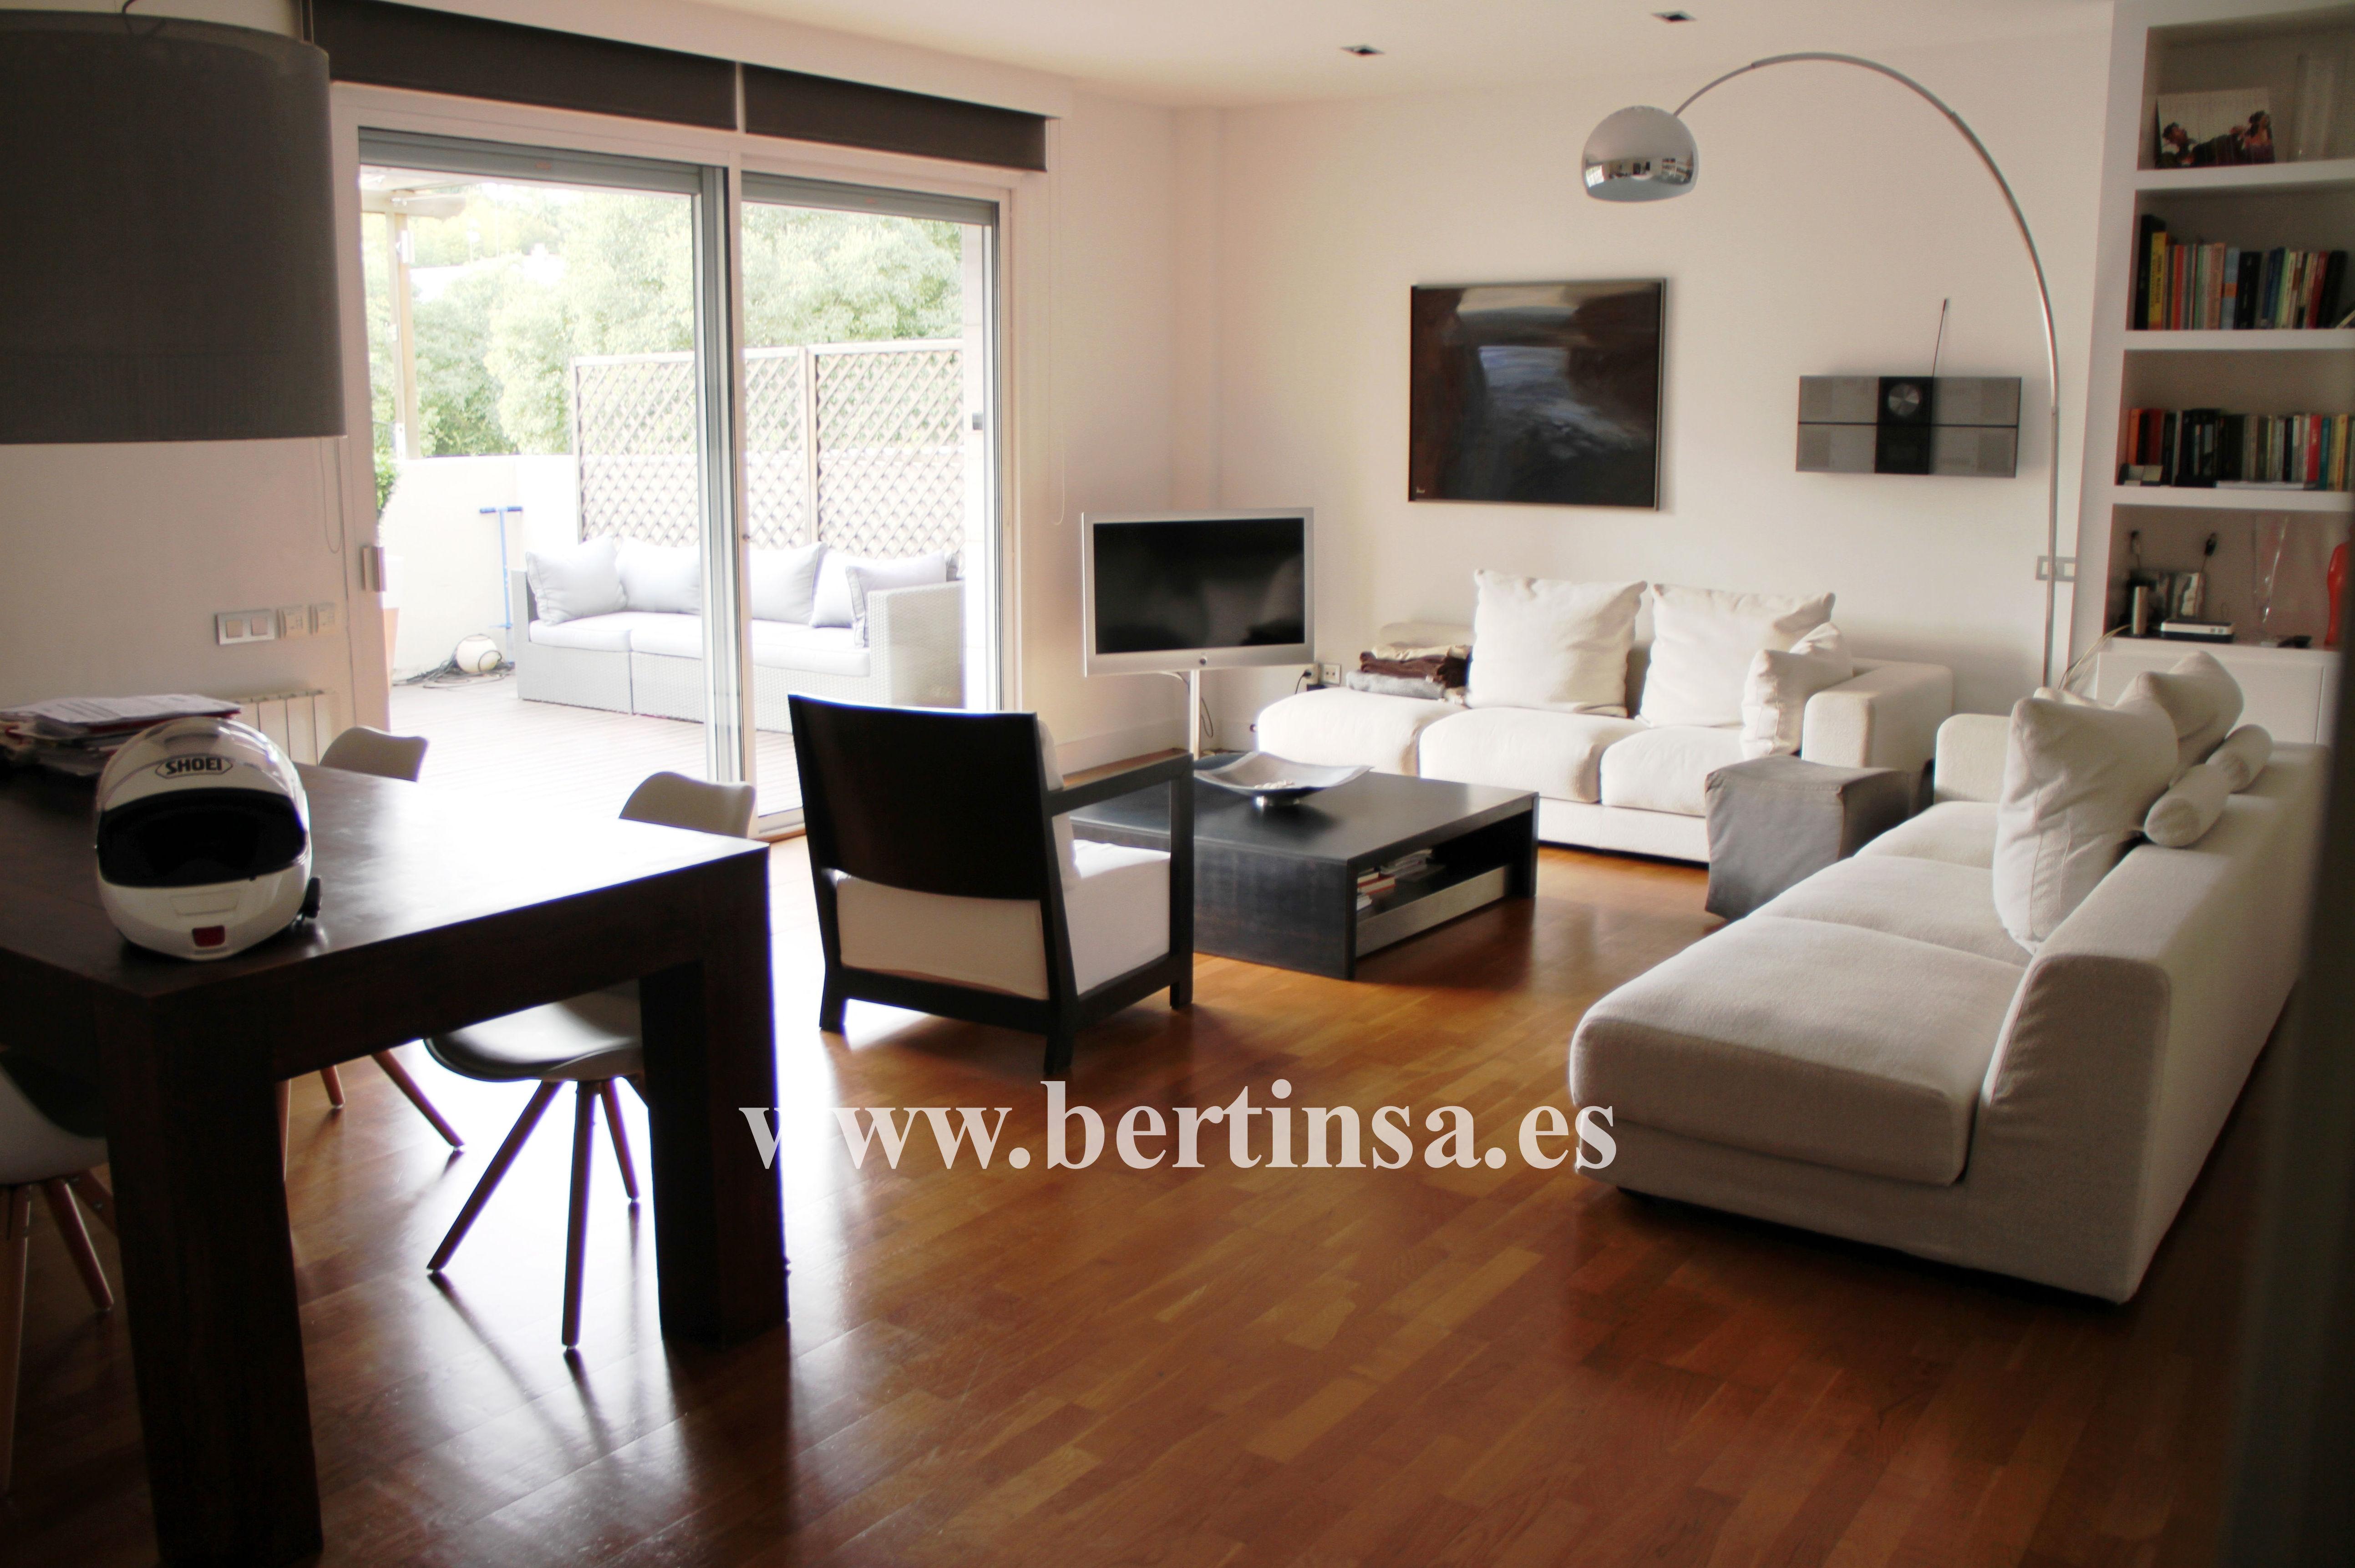 Piso-apartamento Avda. Foix - 895.000€: Visita nuestras inmuebles de Bertinsa Real Estate, Investments & Sale Services